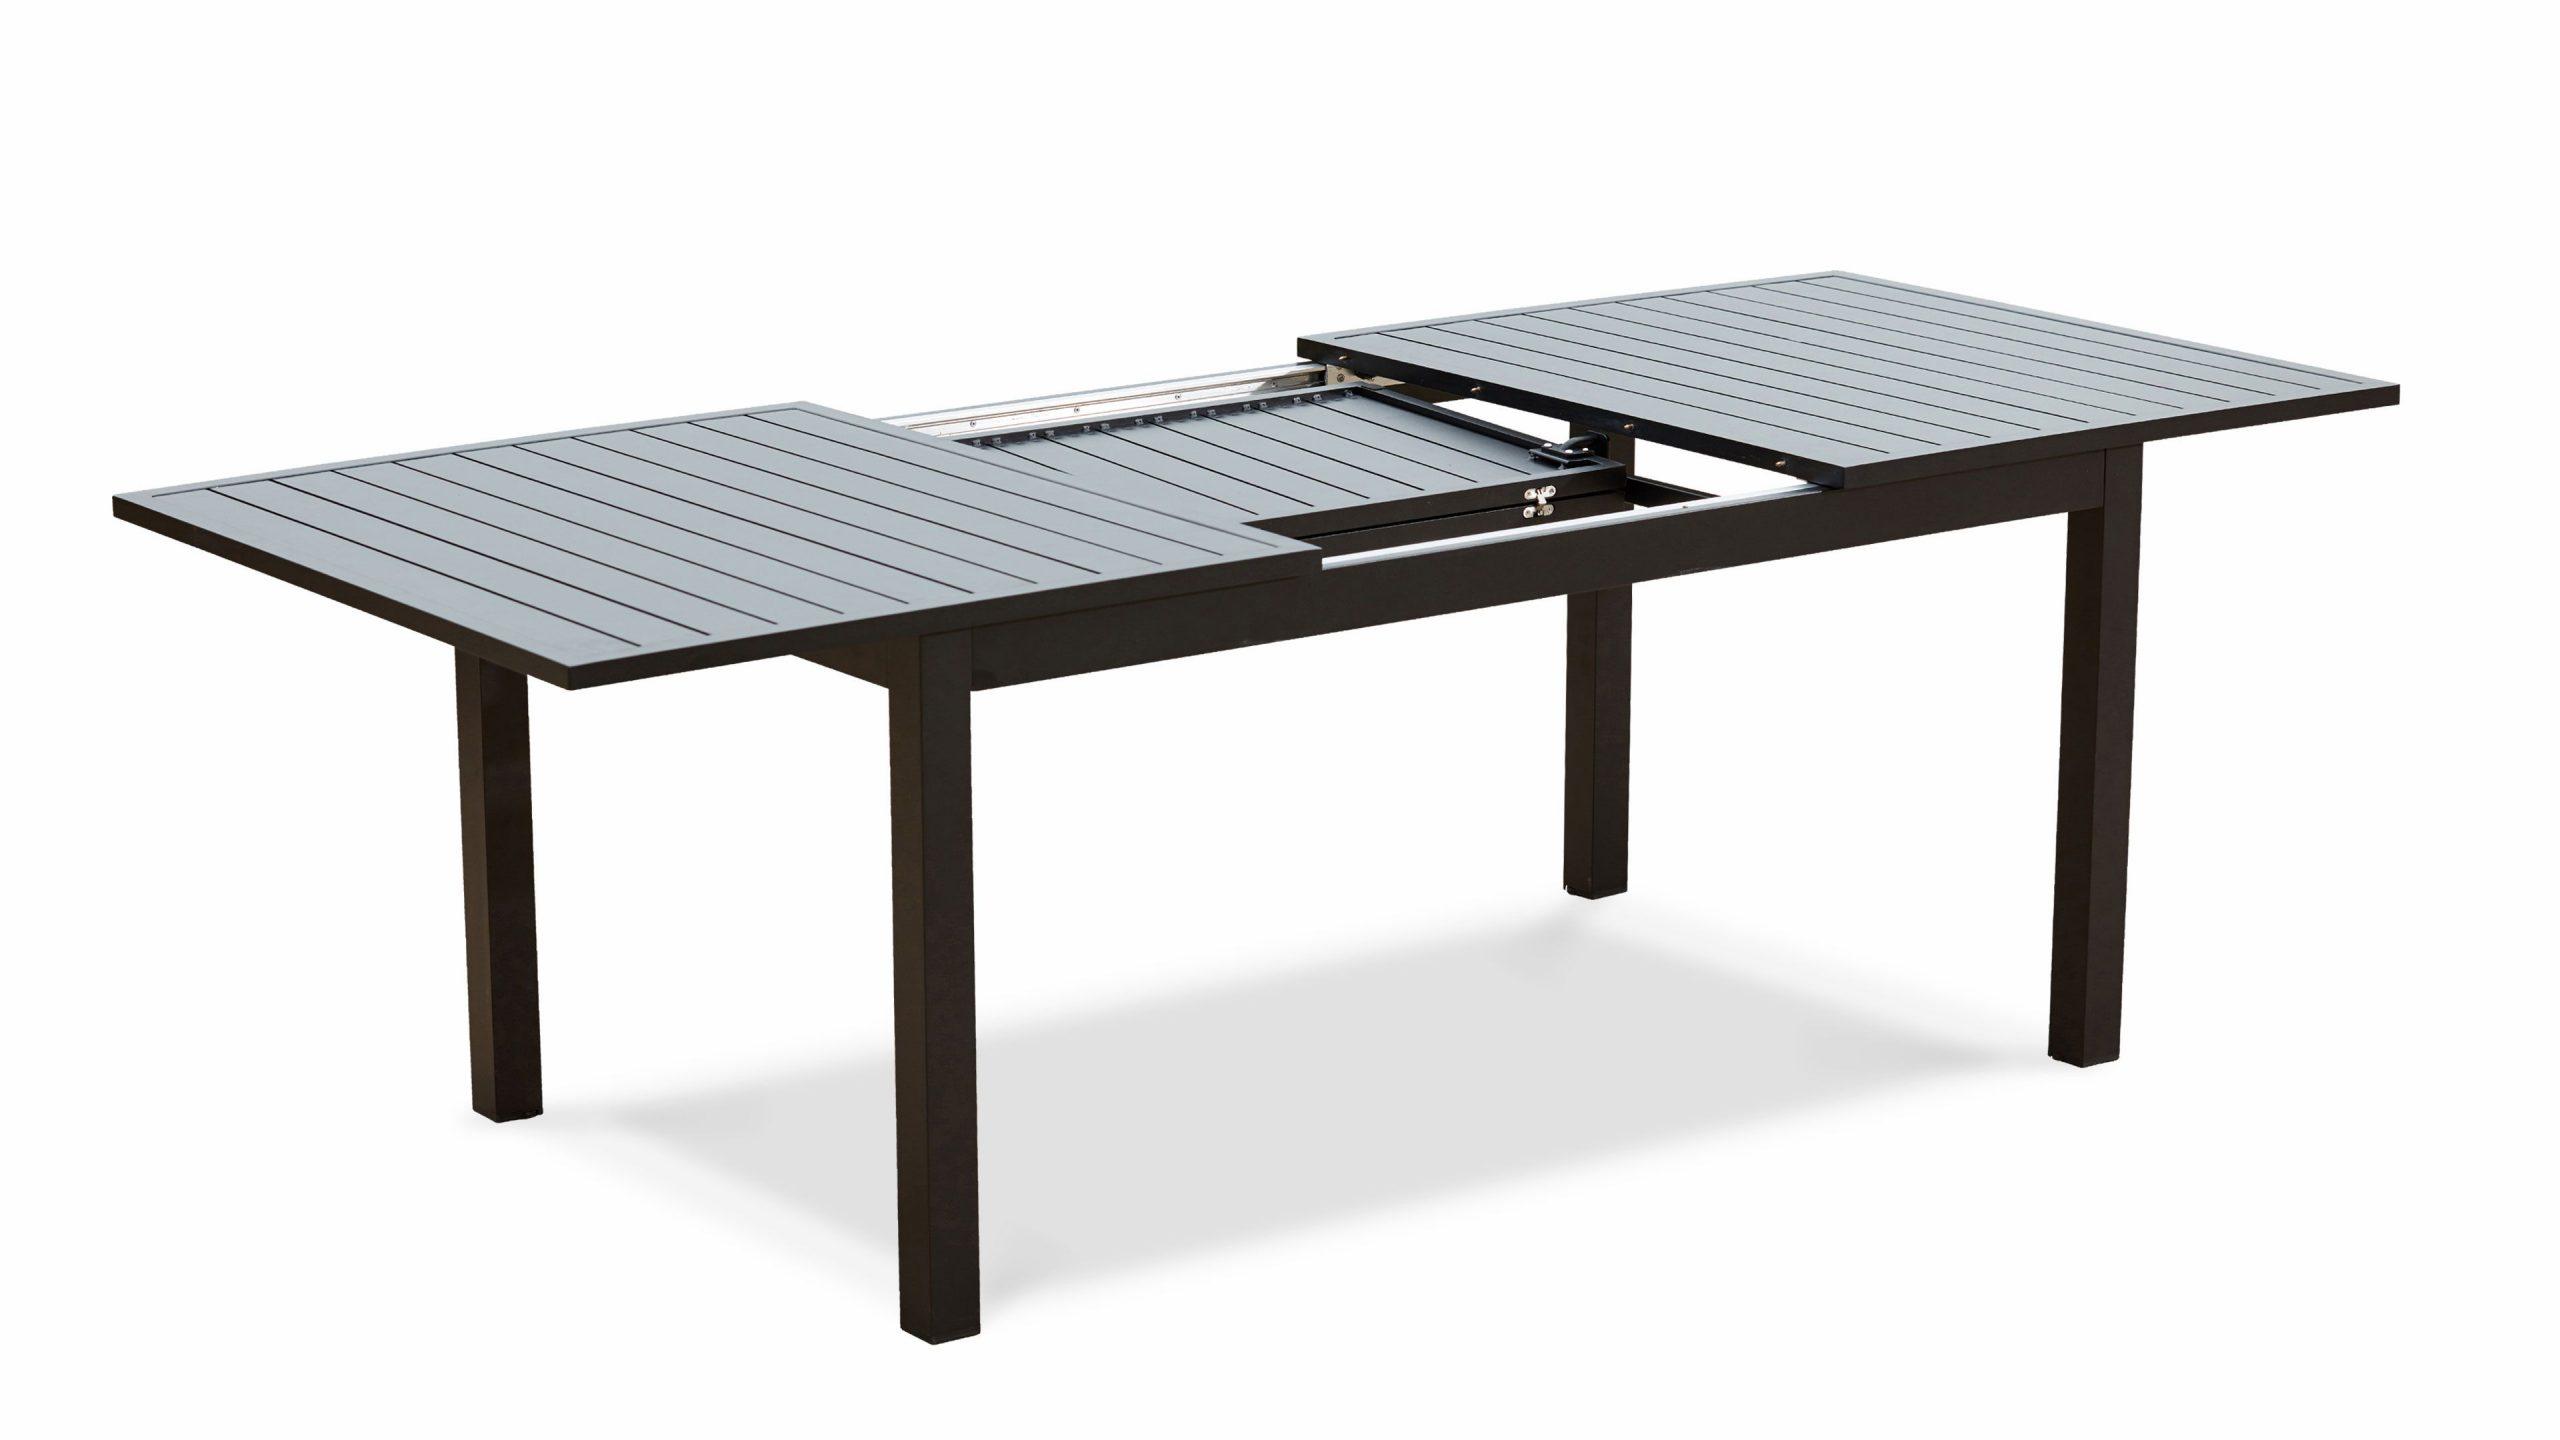 Table Jardin Extensible Rallonge 174/238 Cm Aluminium tout Table De Jardin Extensible Pas Cher